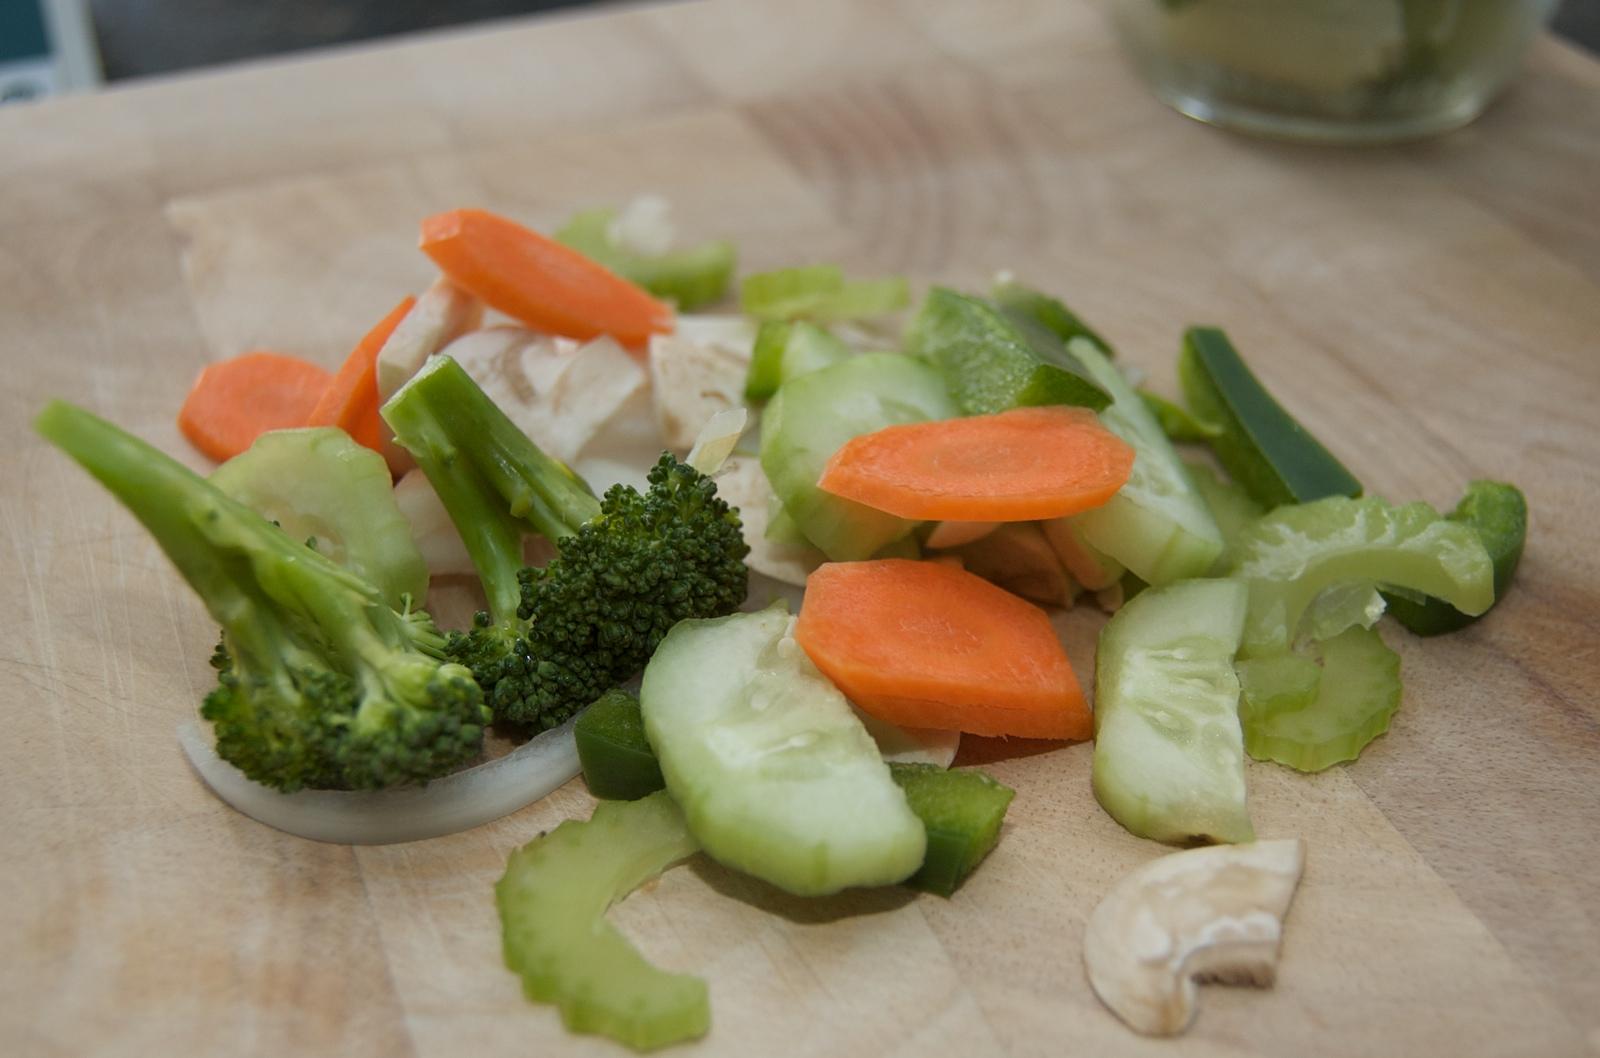 http://blog.rickk.com/food/2010/03/27/salad13.jpg